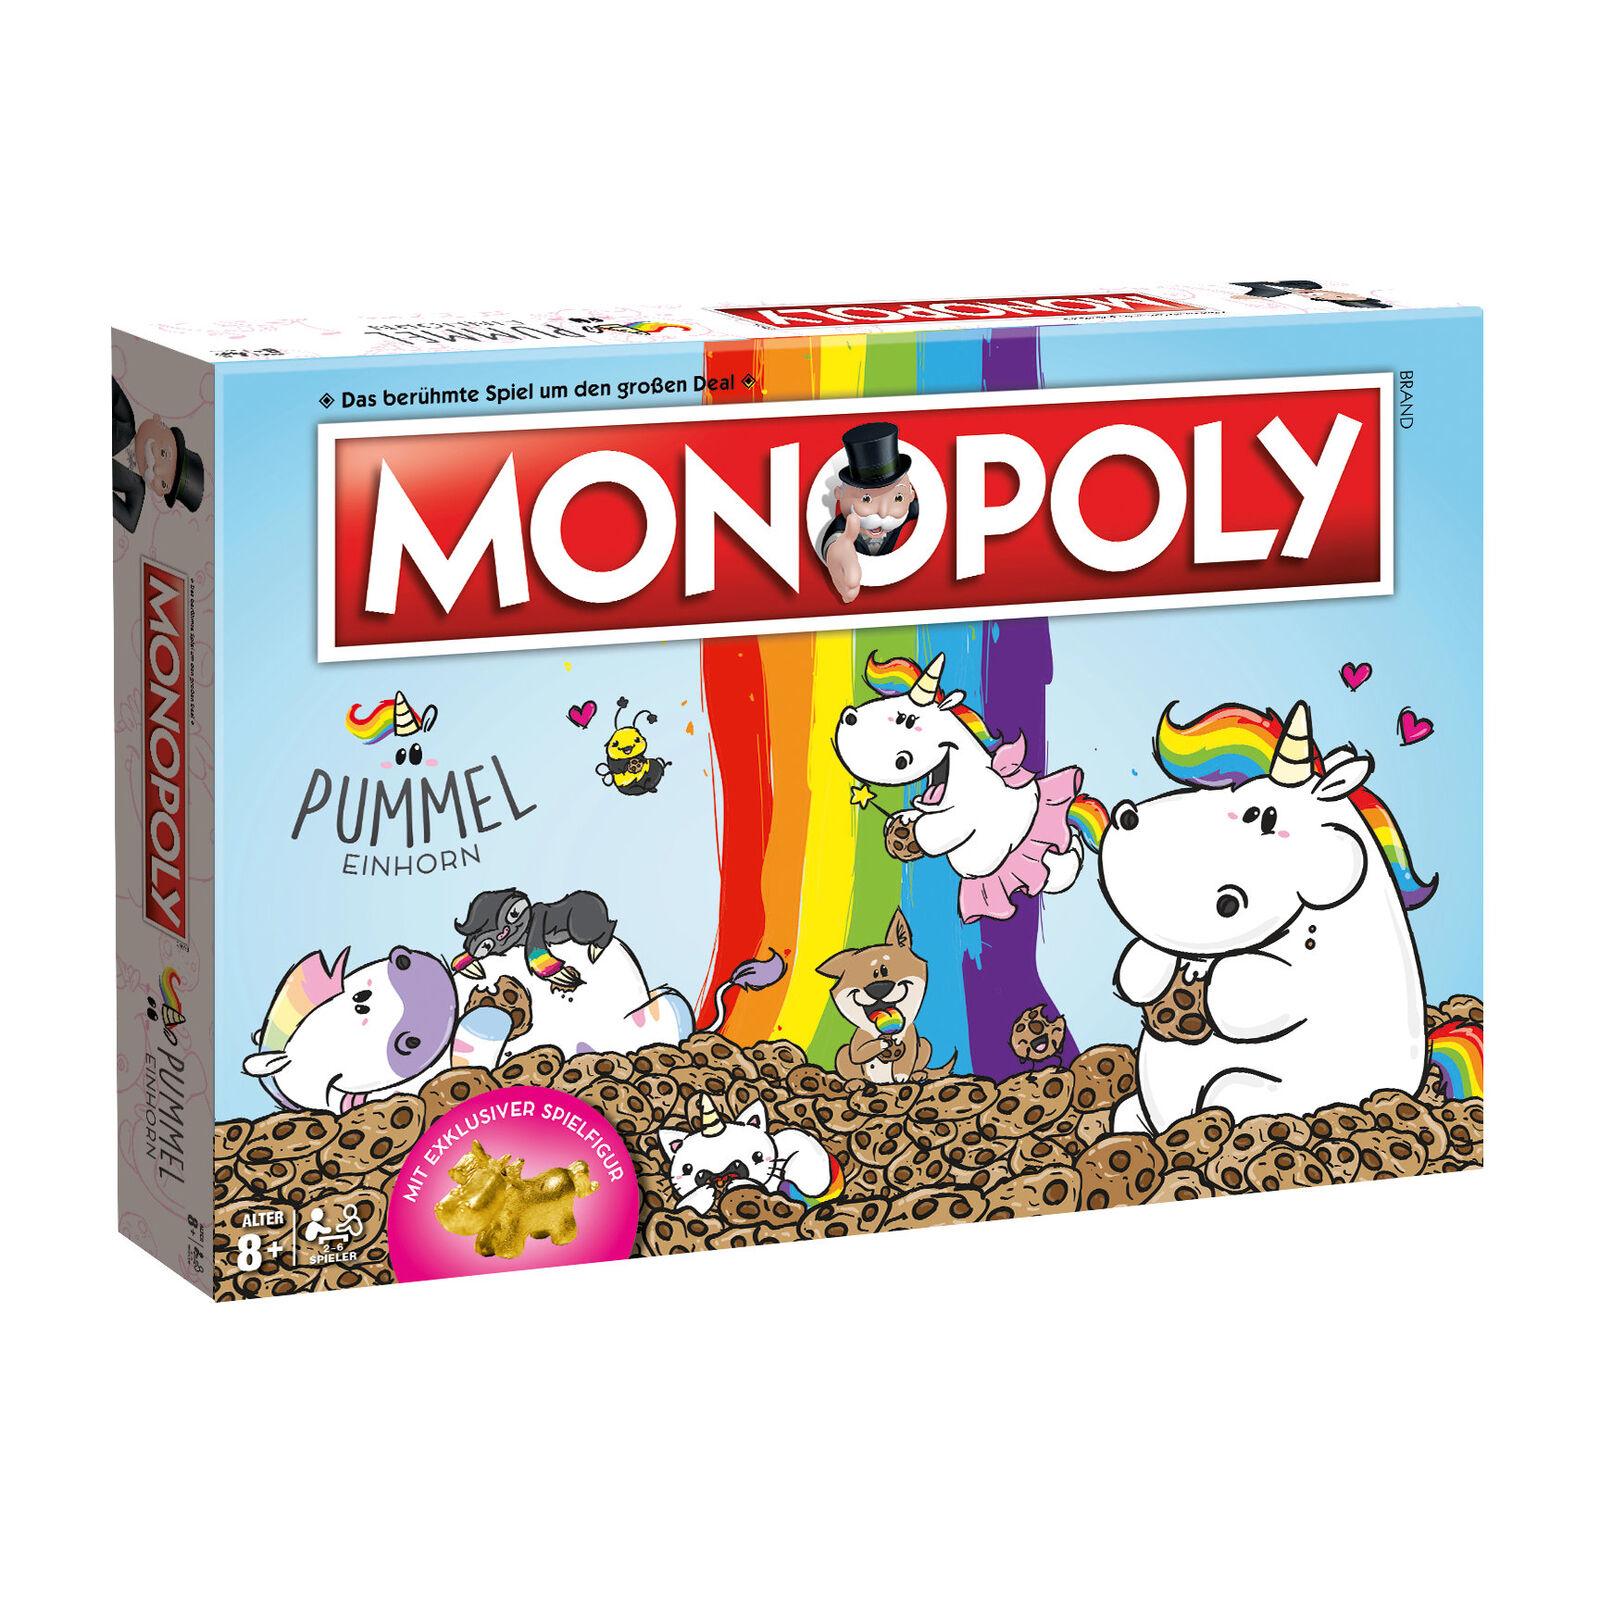 Monopoly Pummeleinhorn Collector's Edition Brettspiel Einhorn Spiel Set Set Set Deutsch 69eff6